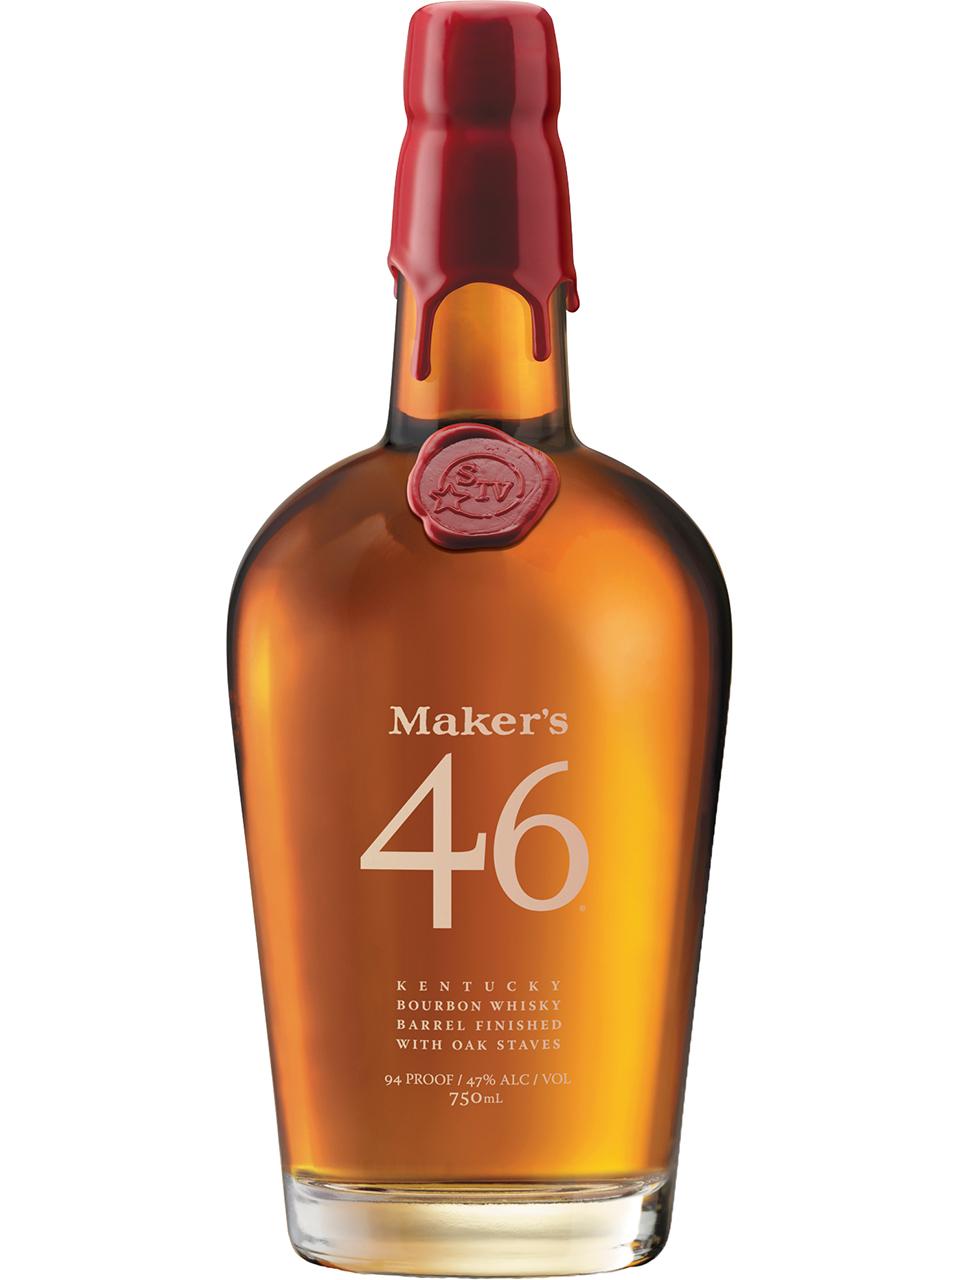 Maker's Mark 46 Kentucky Bourbon